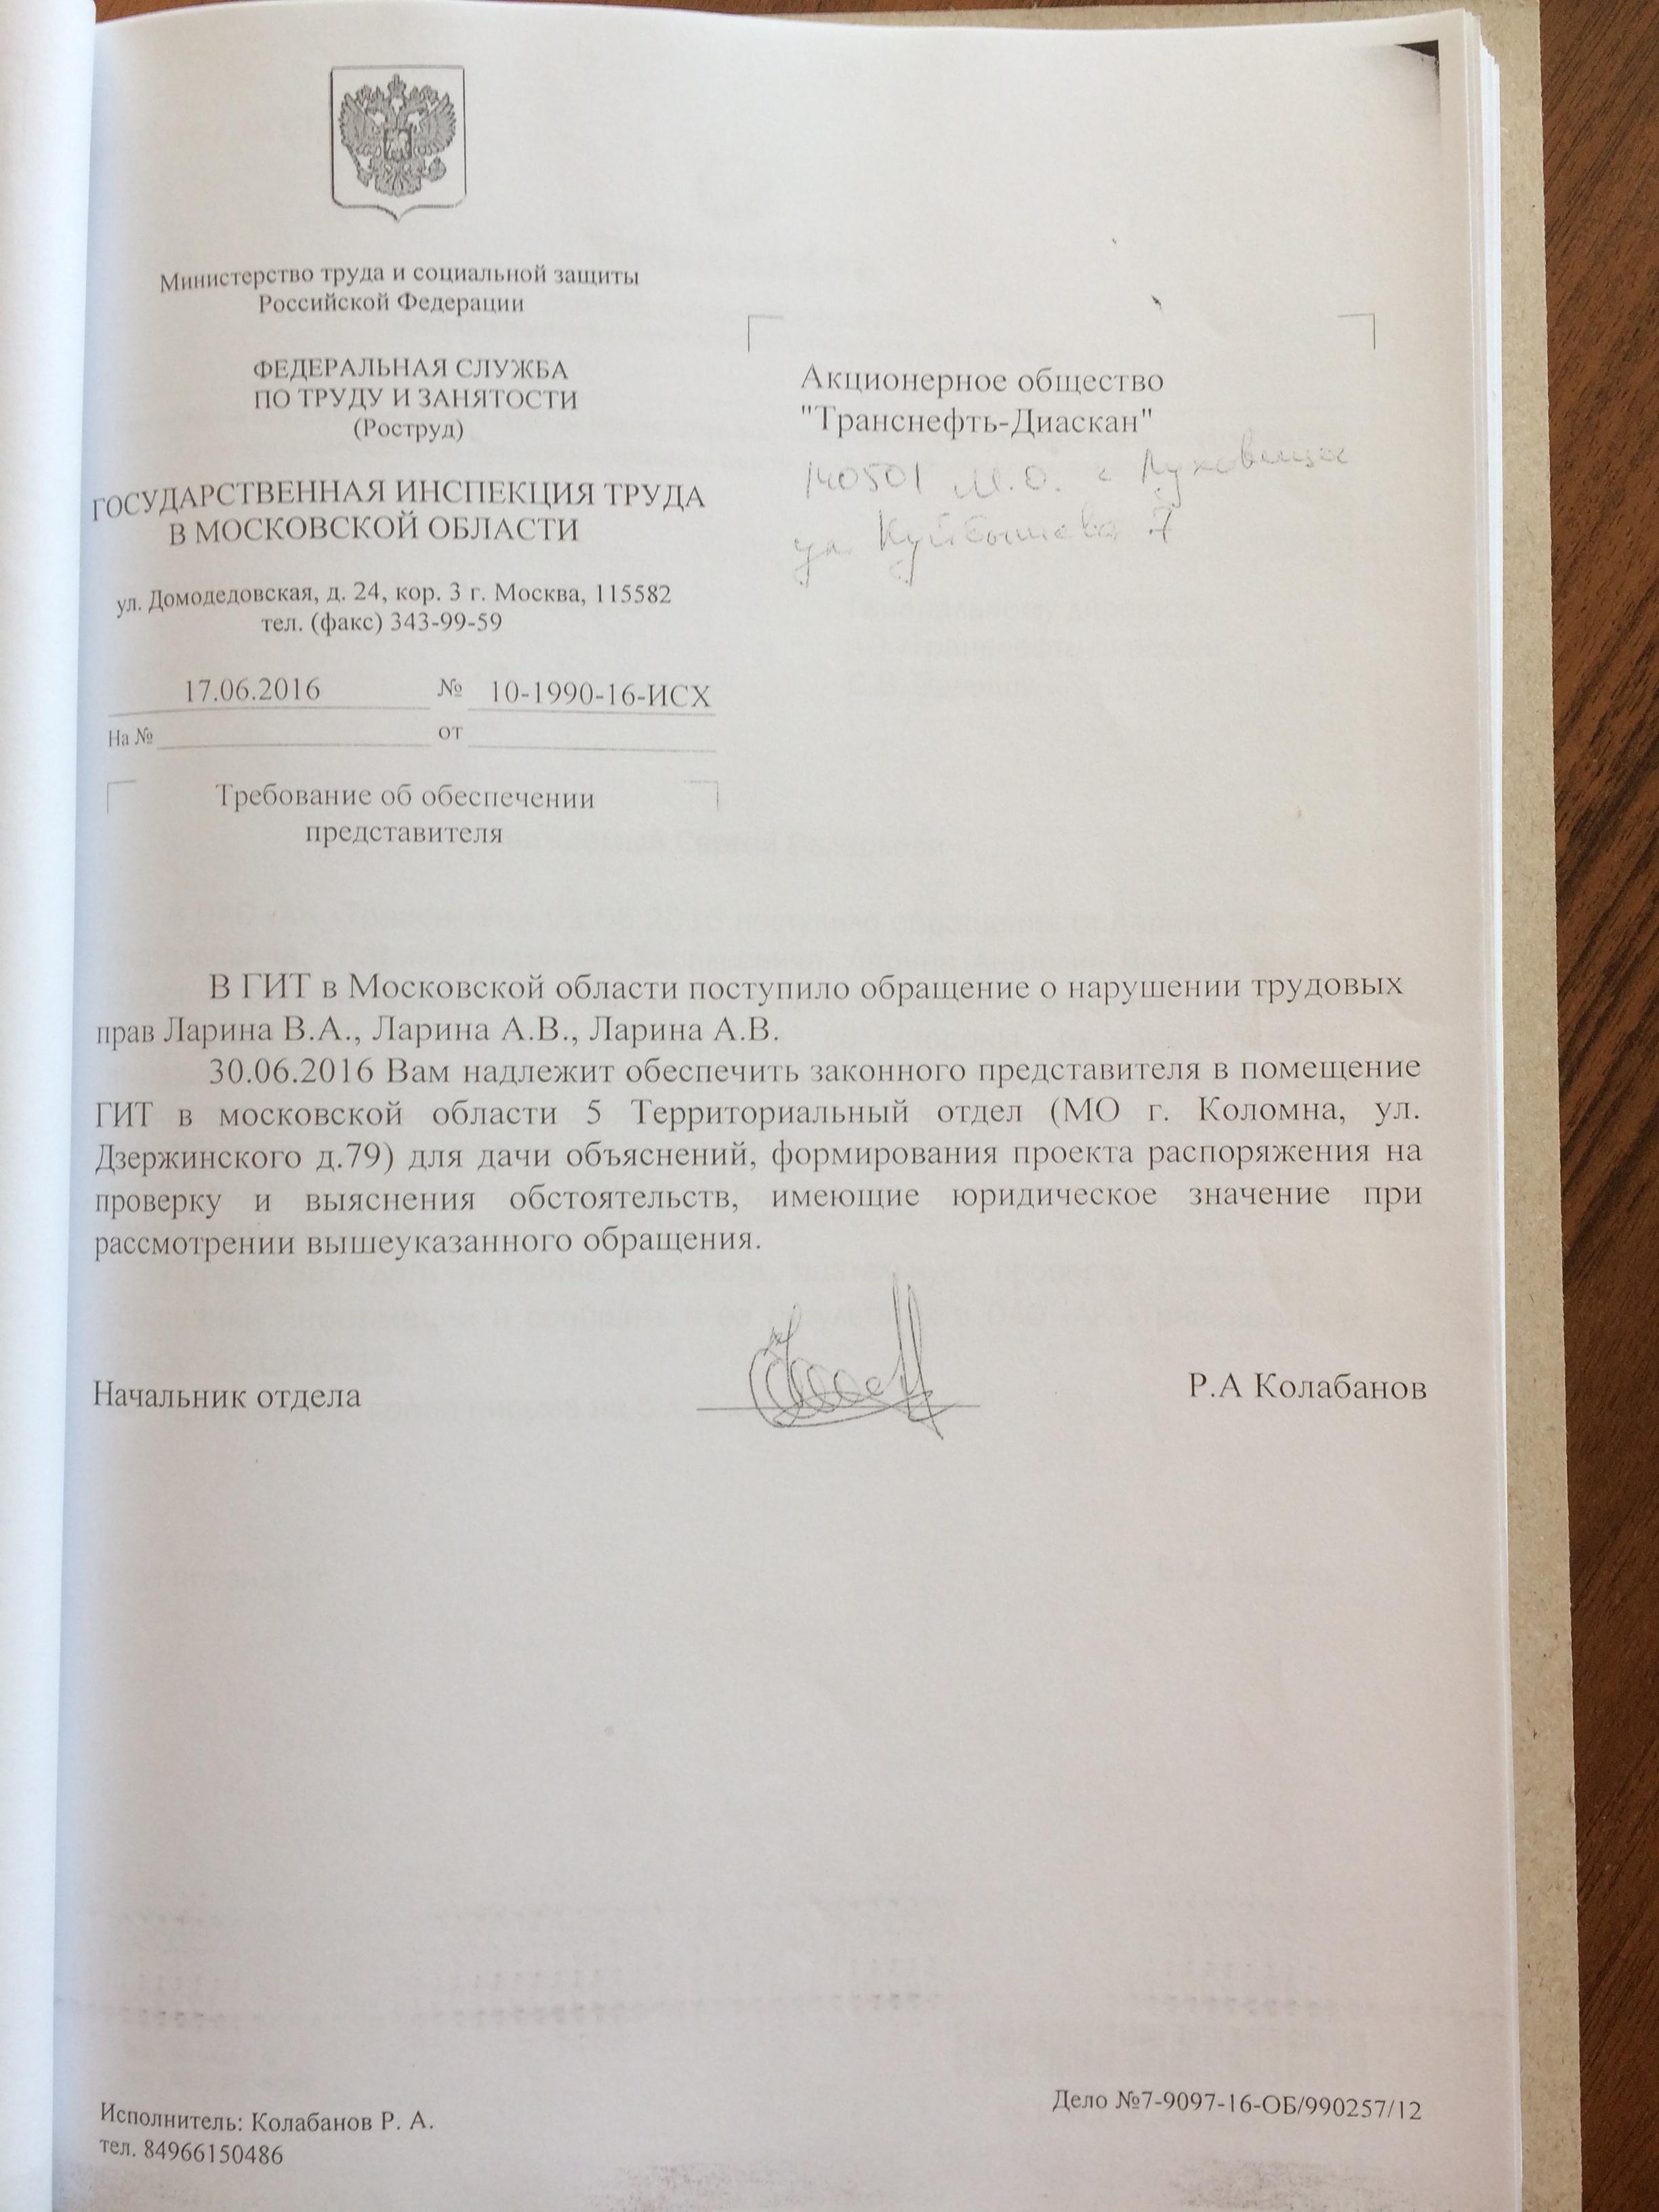 Фото документов проверки Луховицкой городской прокуратурой - 21 (5)